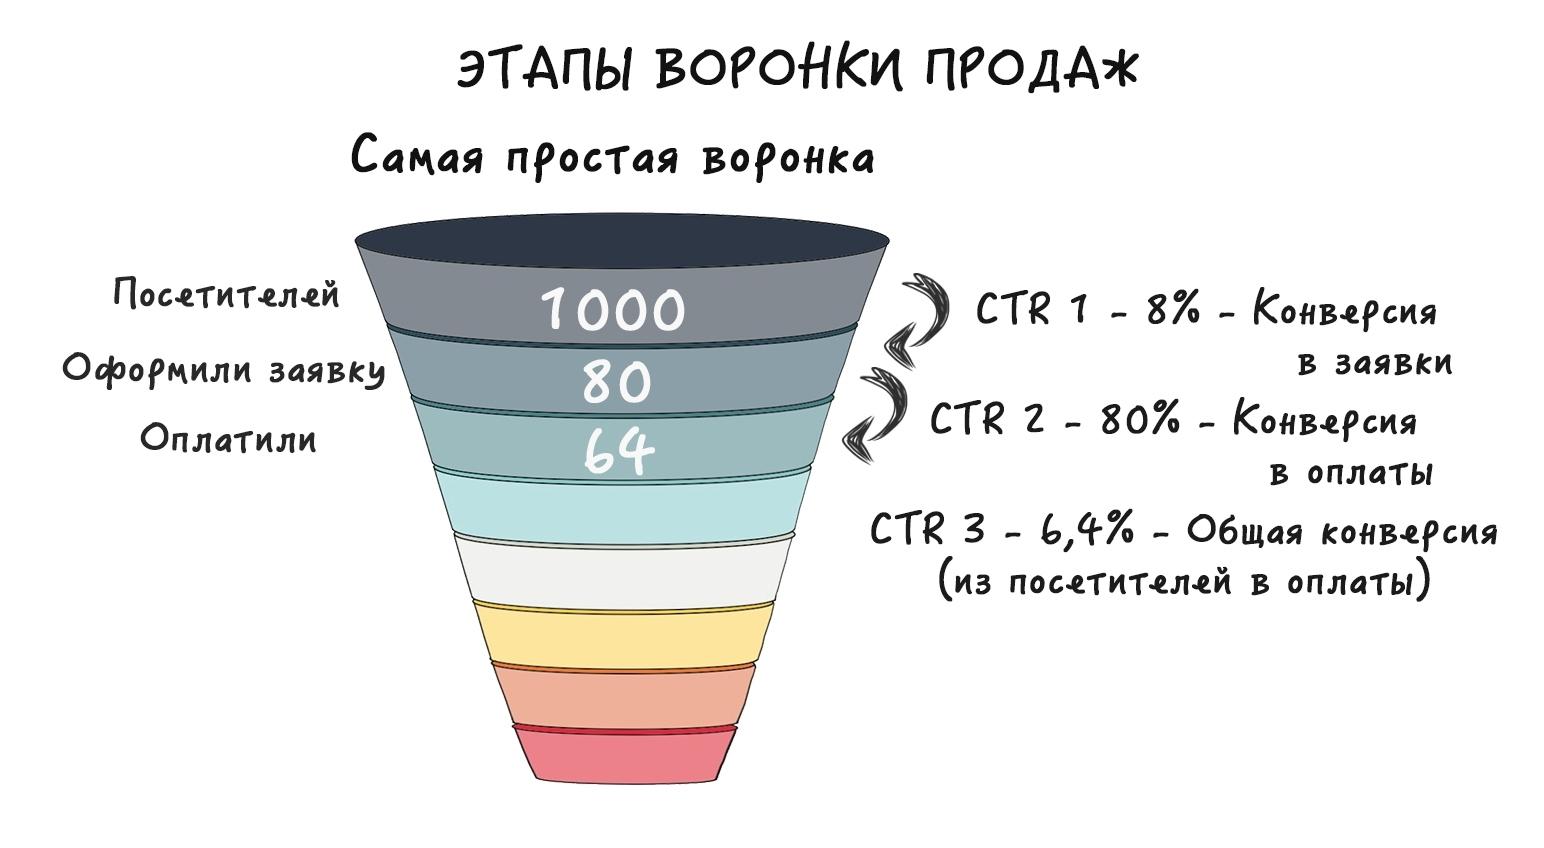 Этапы воронки продаж: от понимания до построения